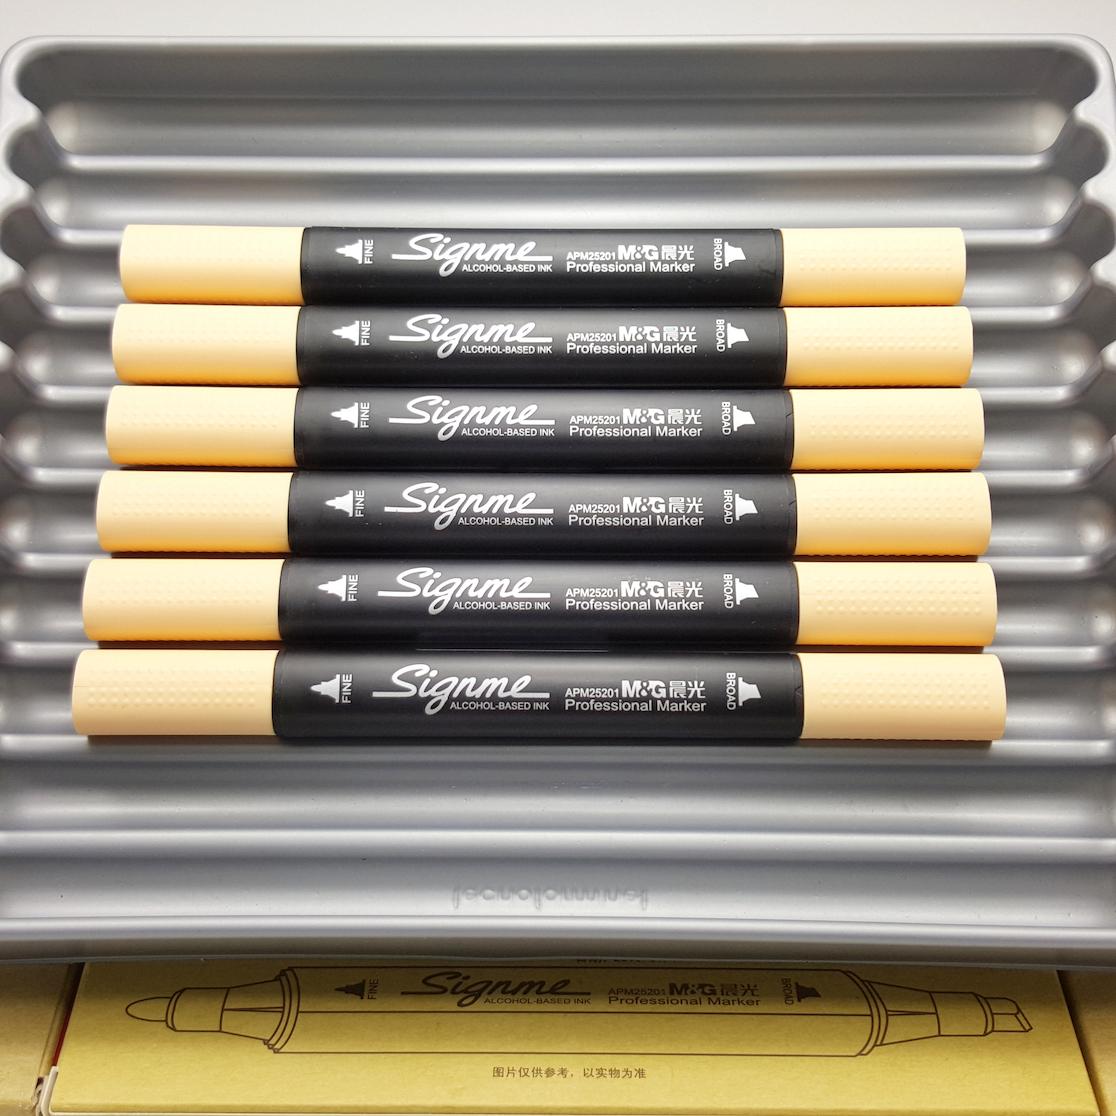 ปากกามาร์คเกอร์ไซน์มิ Signme Professional Marker - #025